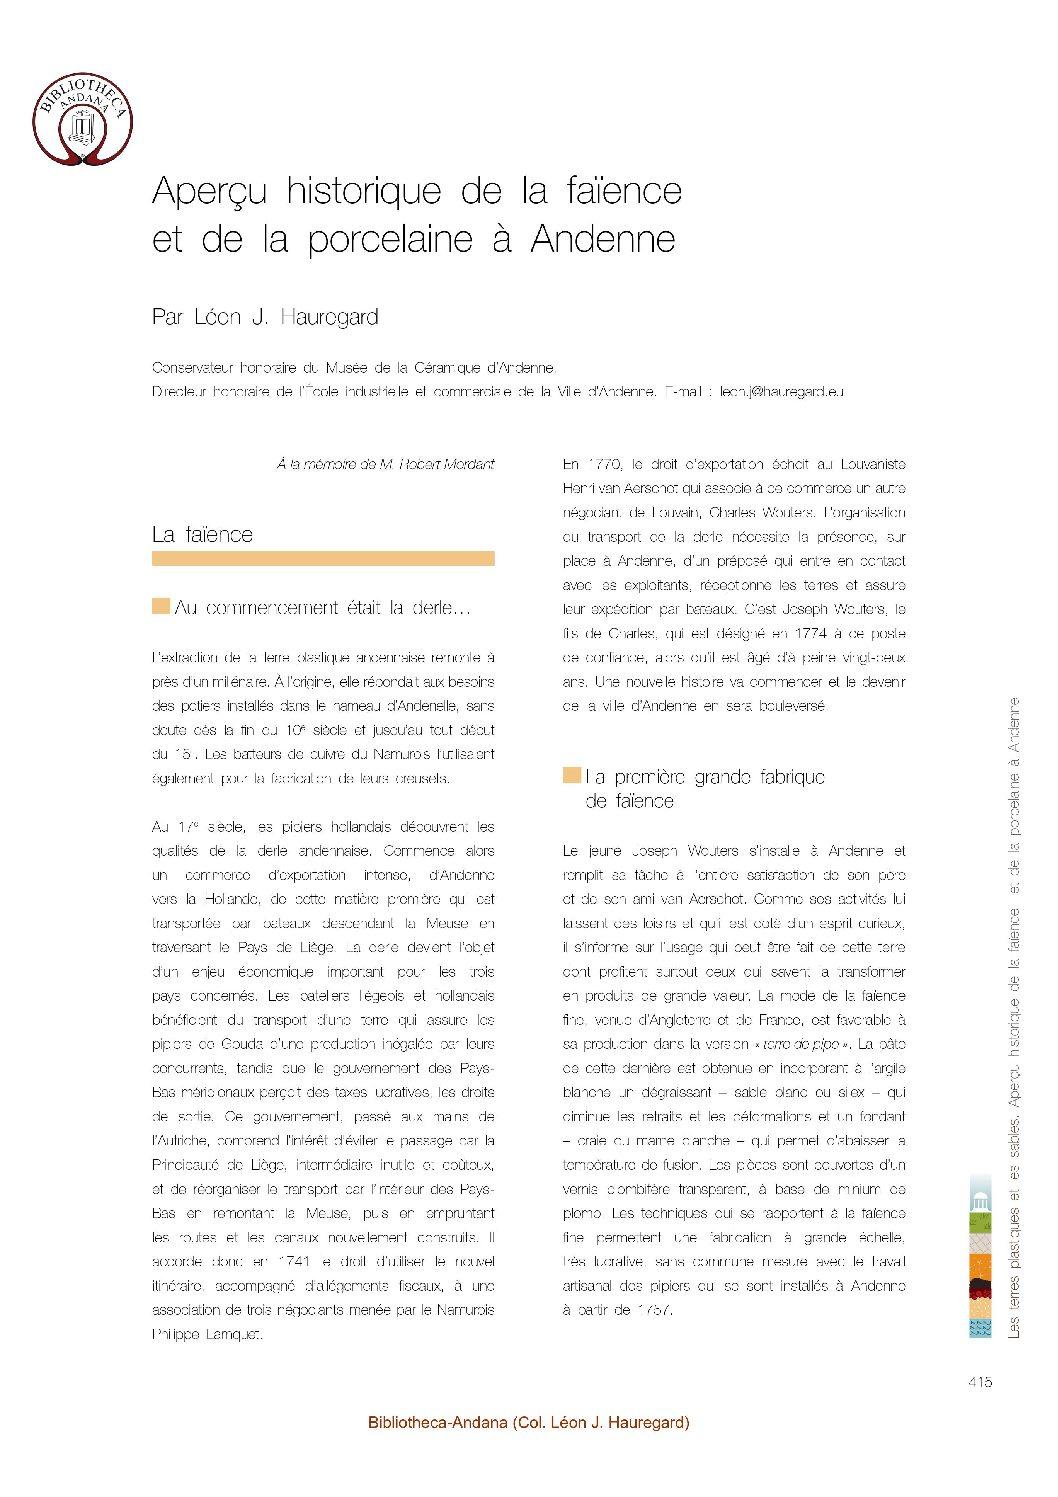 Aperçu historique de la faïence et de la porcelaine à Andenne